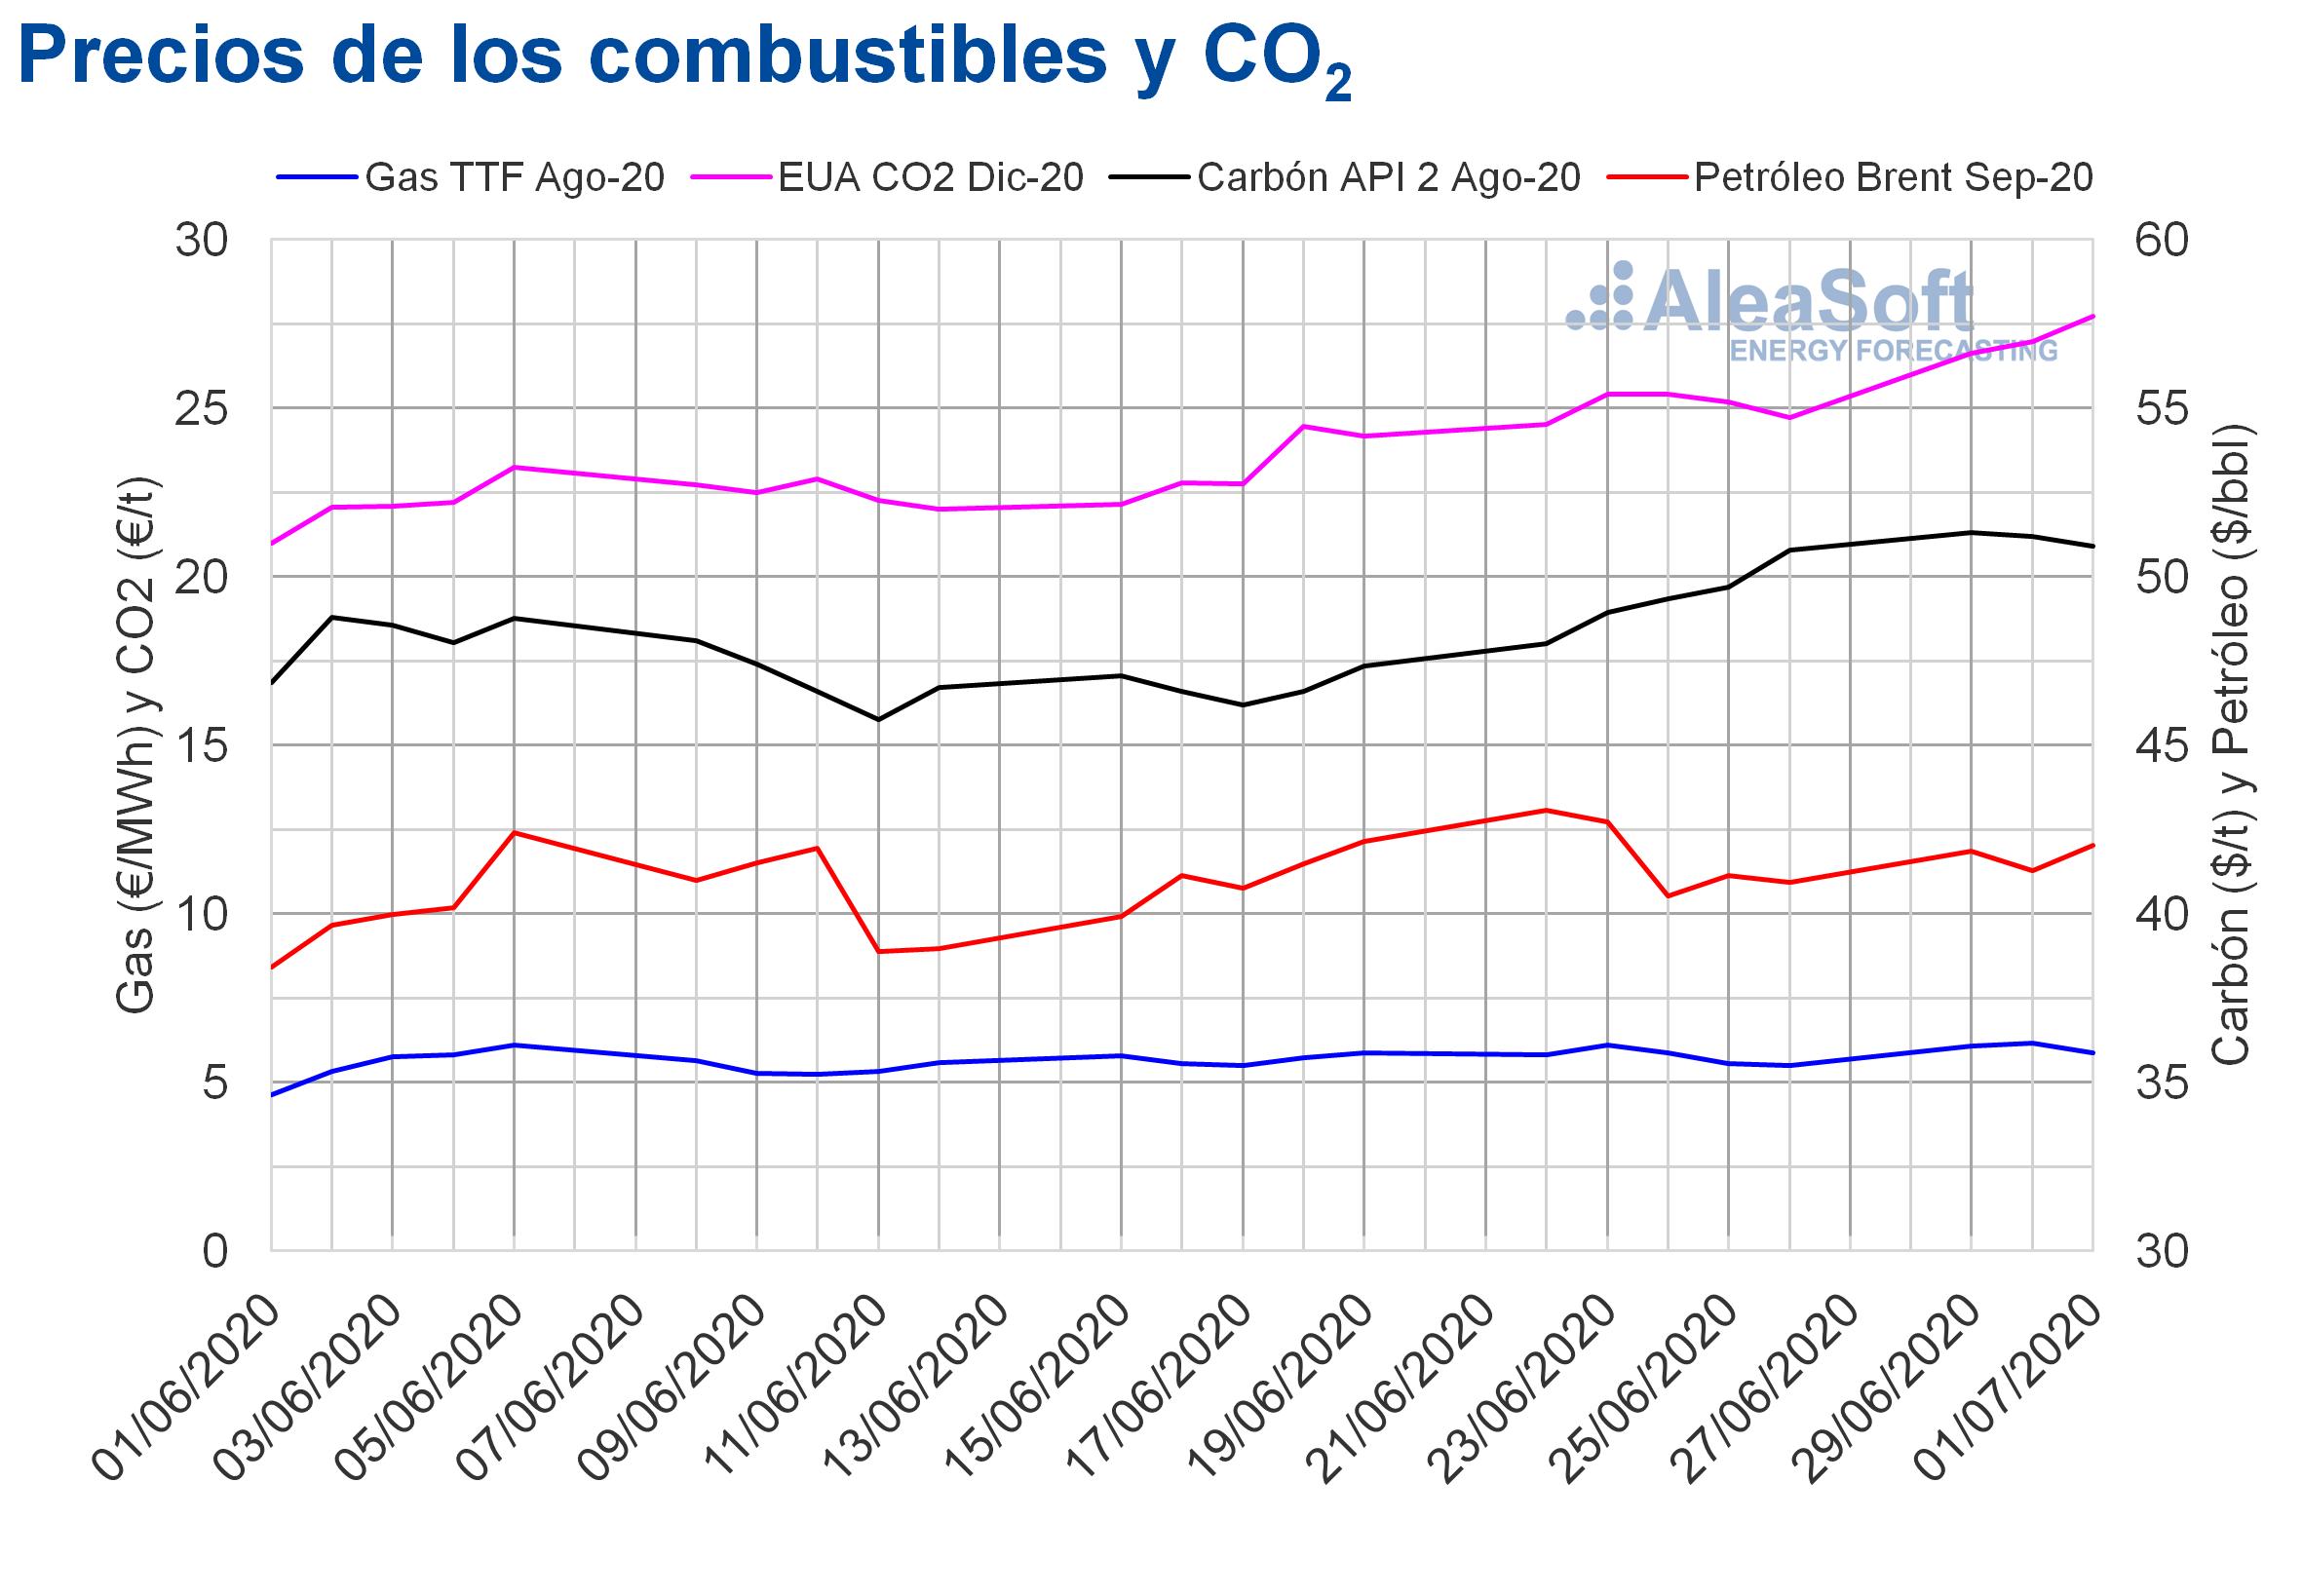 Fotografia Precios de gas, carbón Brent y CO2